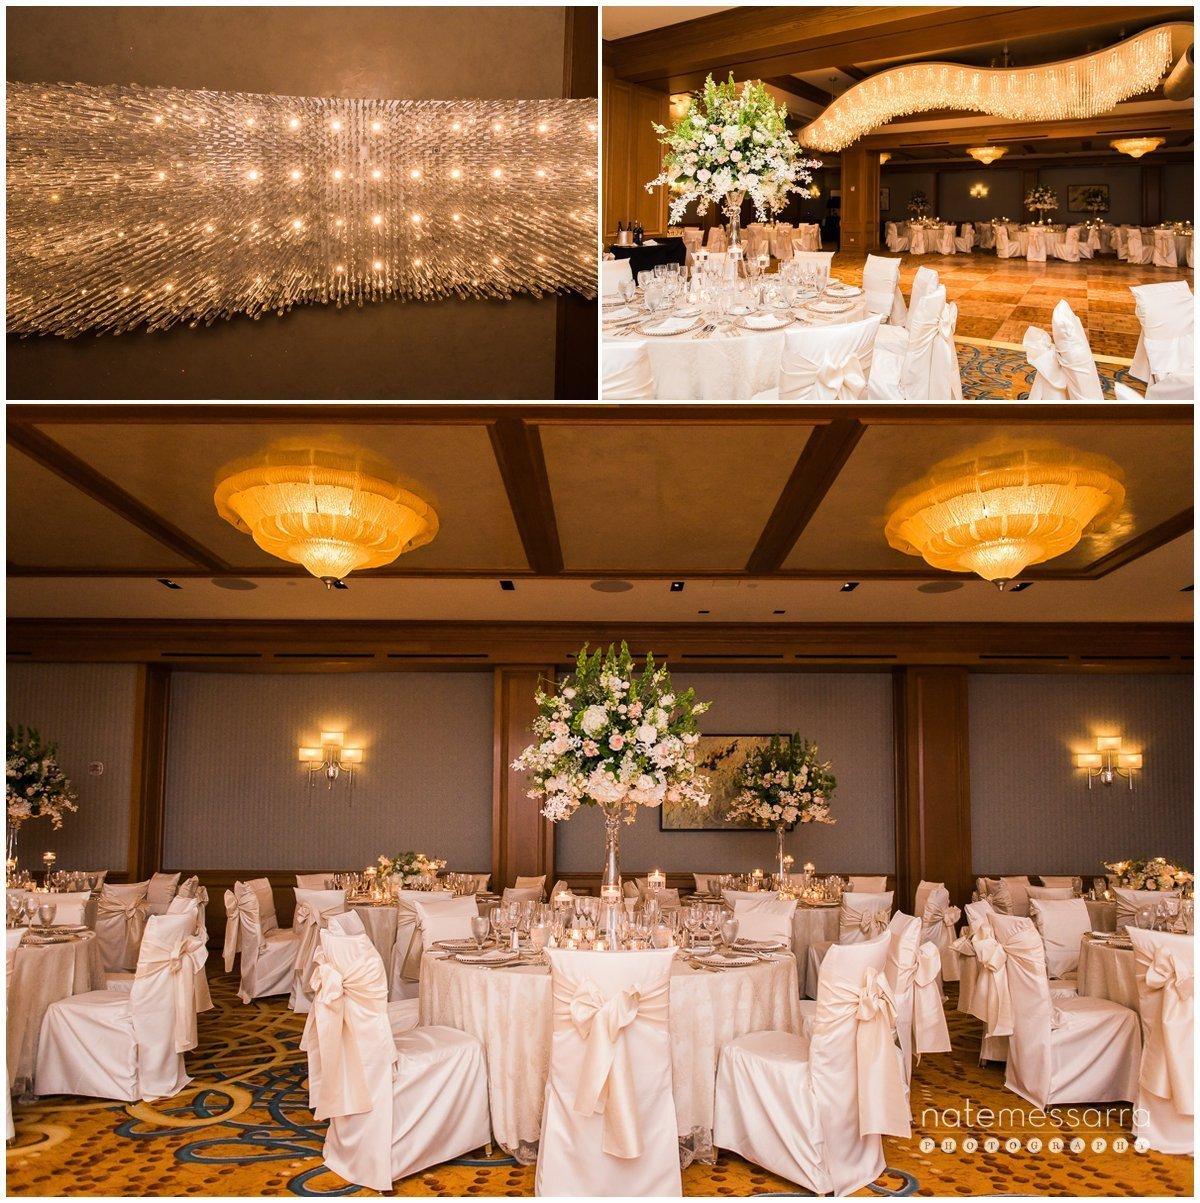 St. Regis Houston Wedding Ballroom Details